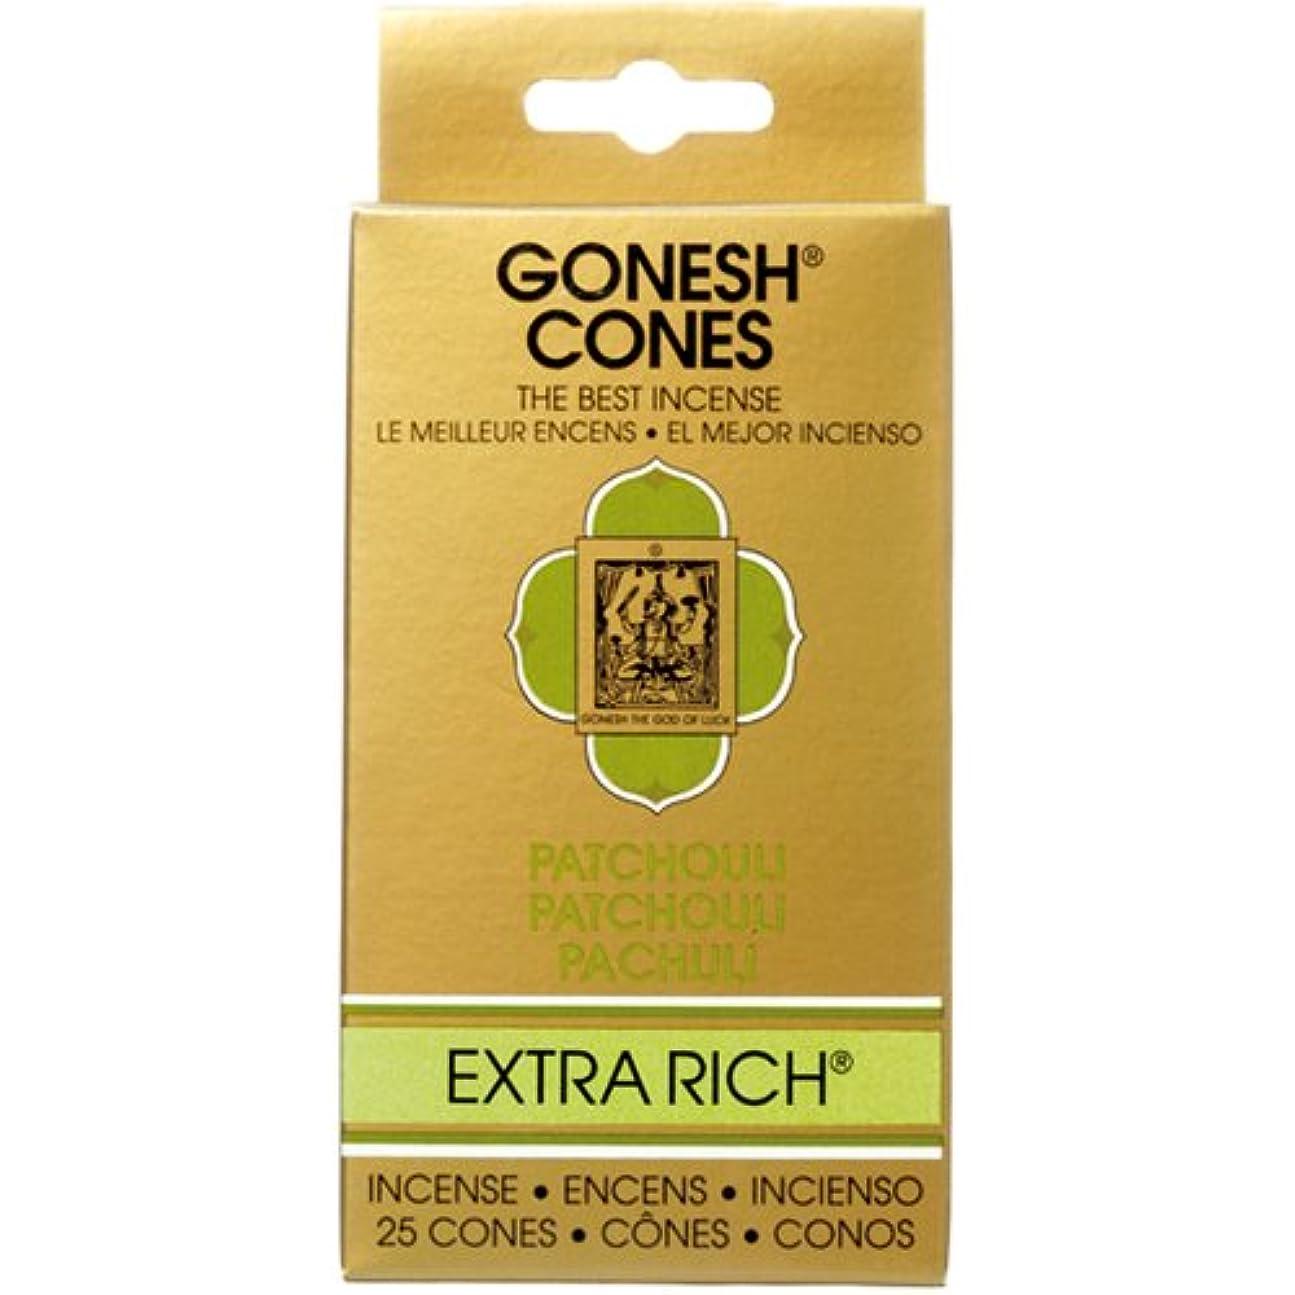 配管工船乗りカーテンガーネッシュ(GONESH) エクストラリッチ インセンス コーン パチュリ 25個入(お香)